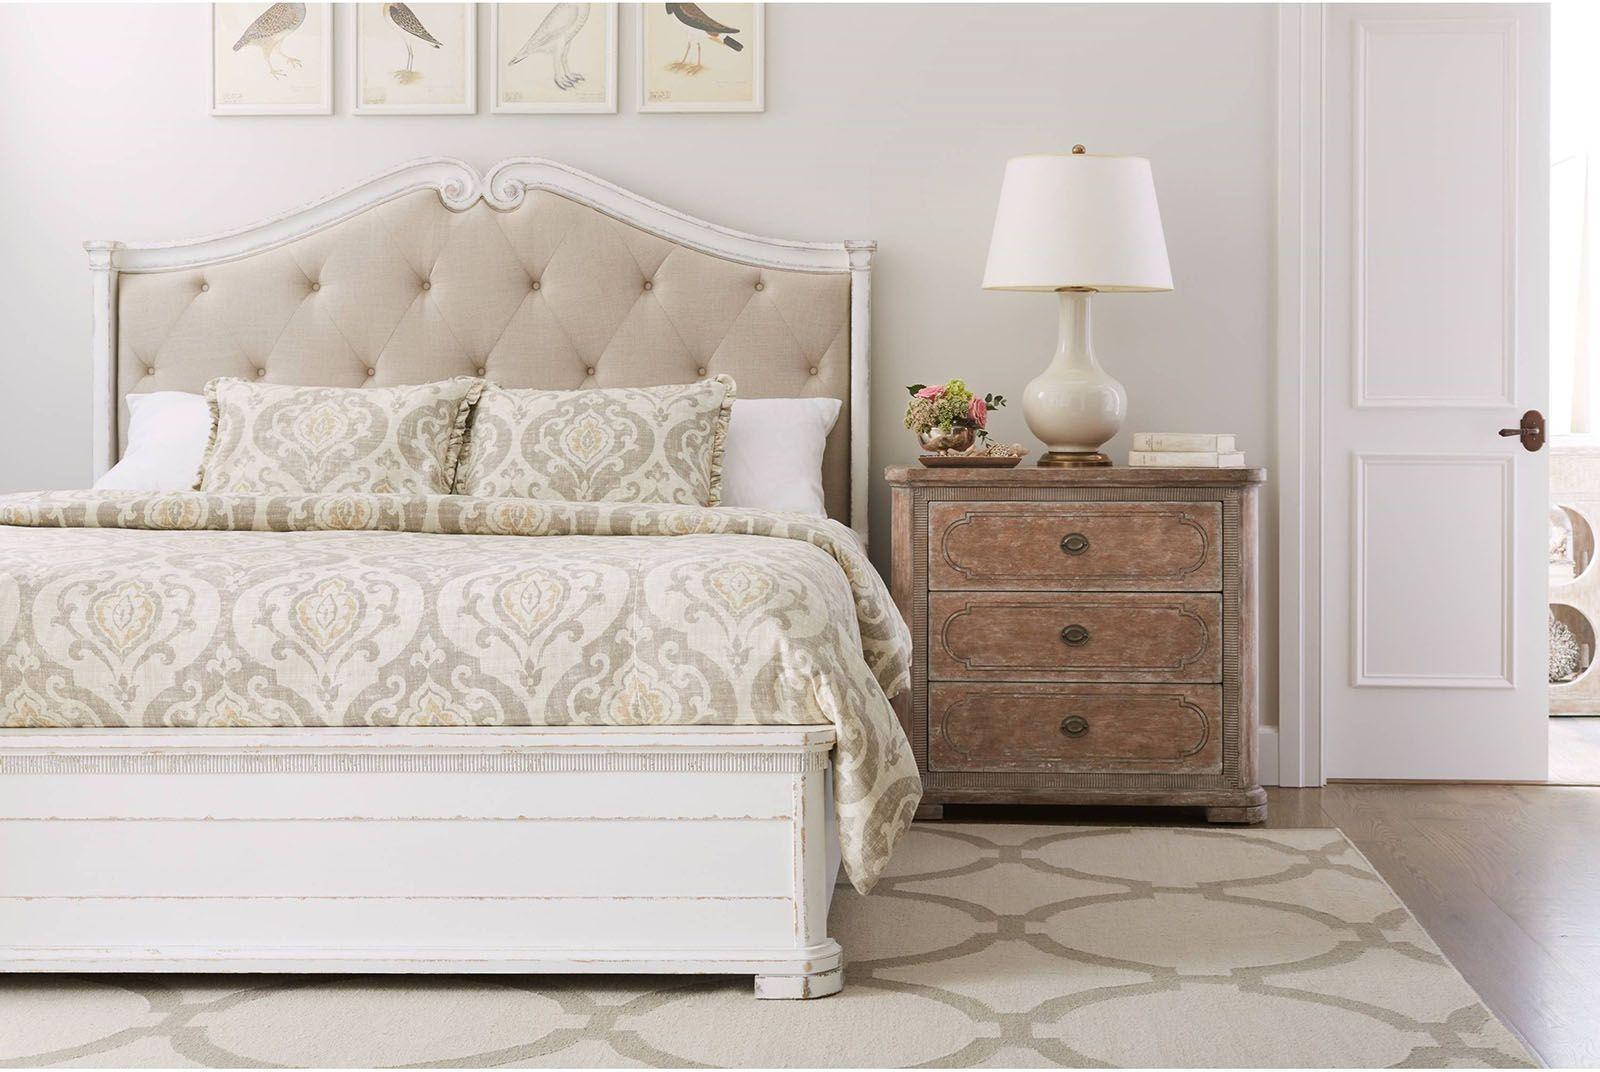 Stanley Juniper Dell 4pc Upholstered Bedroom Set in White